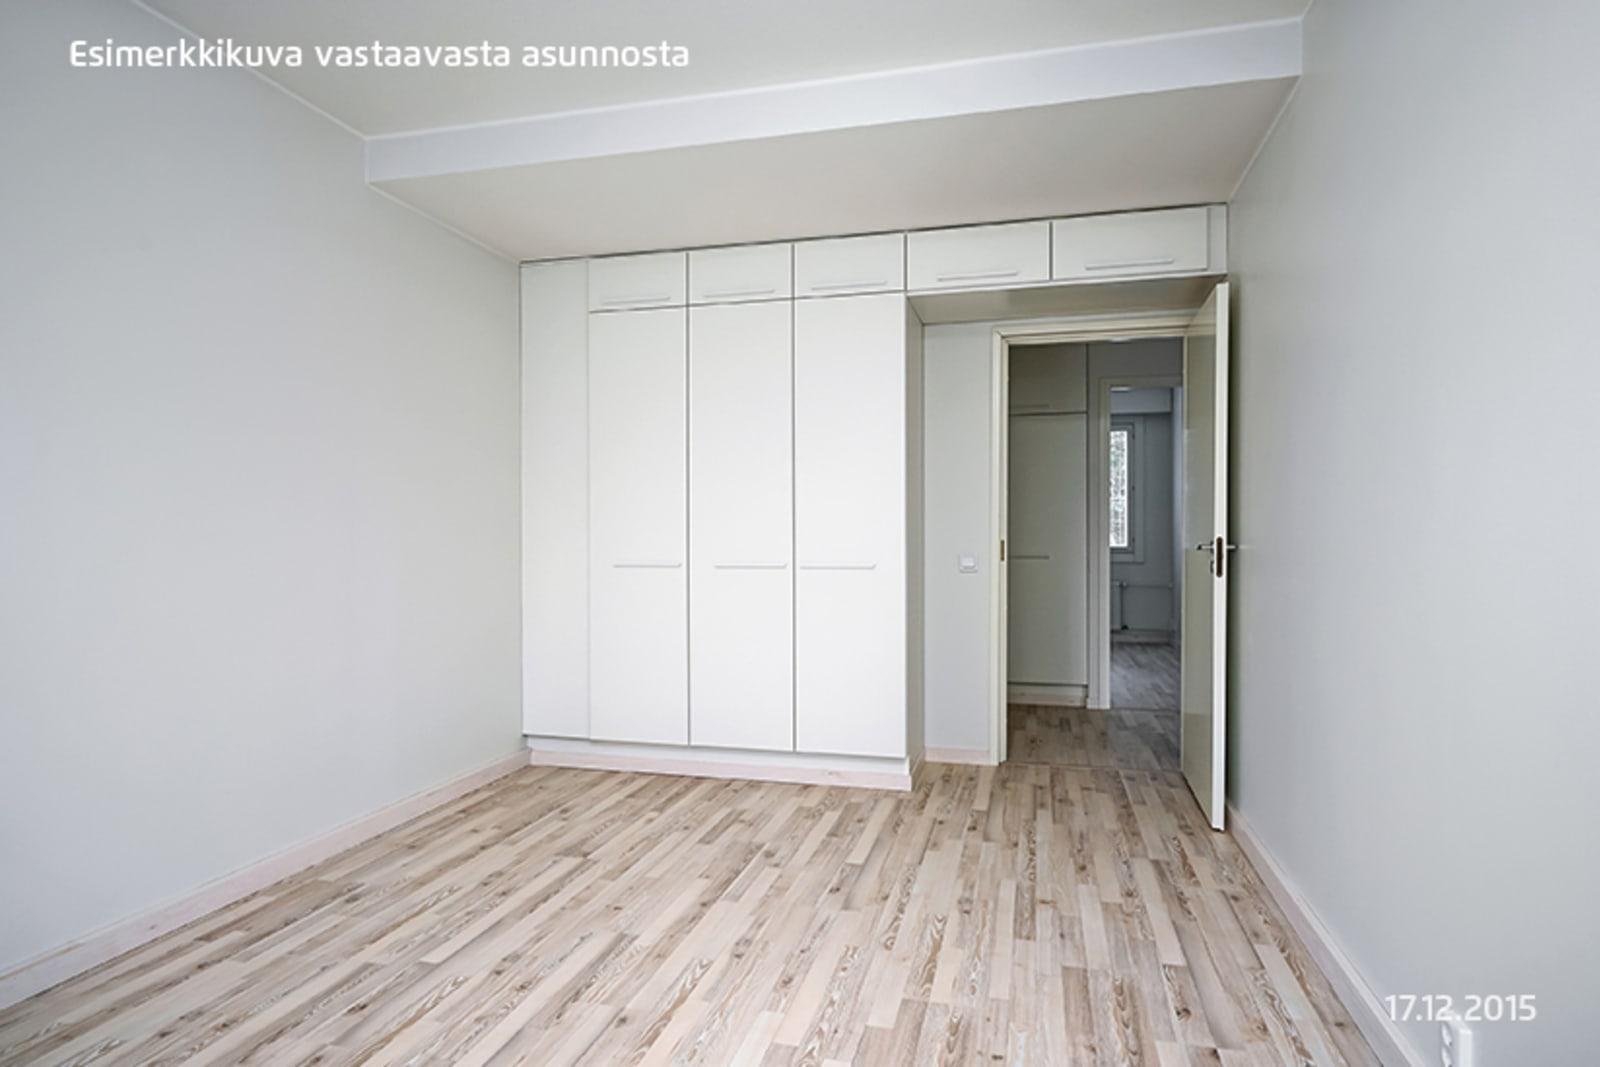 Vantaa, Myyrmäki, Putouskuja 7 B 017